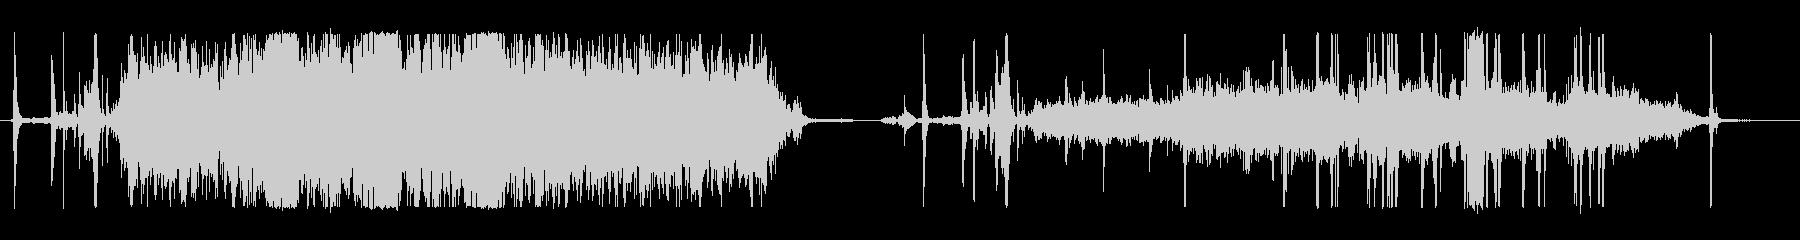 コピー機、騒々しい、2つのバージョ...の未再生の波形